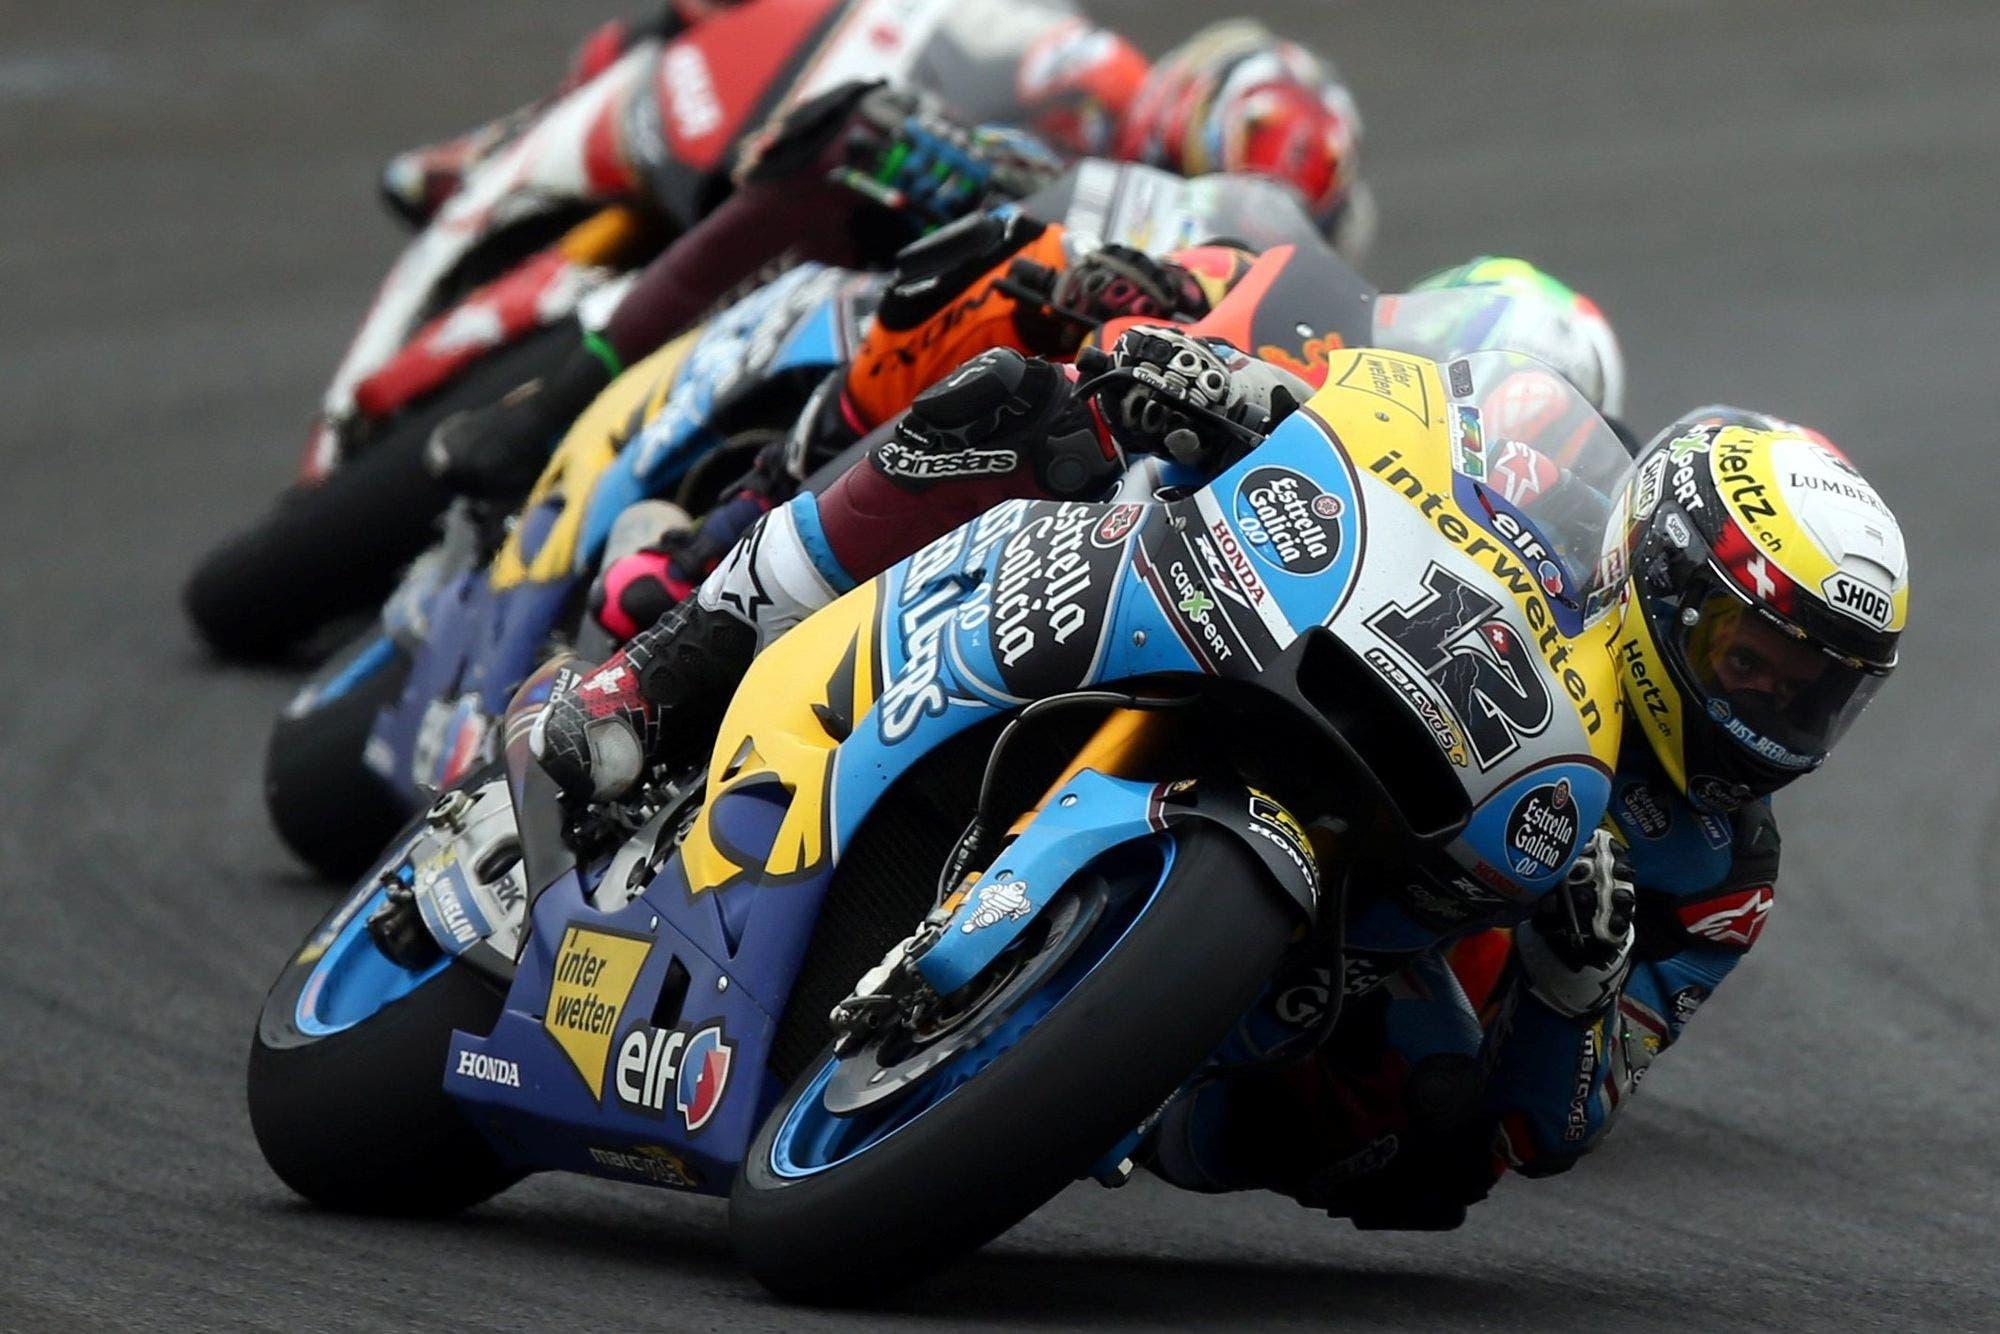 Los algoritmos ganan las carreras en el Mundial de MotoGP